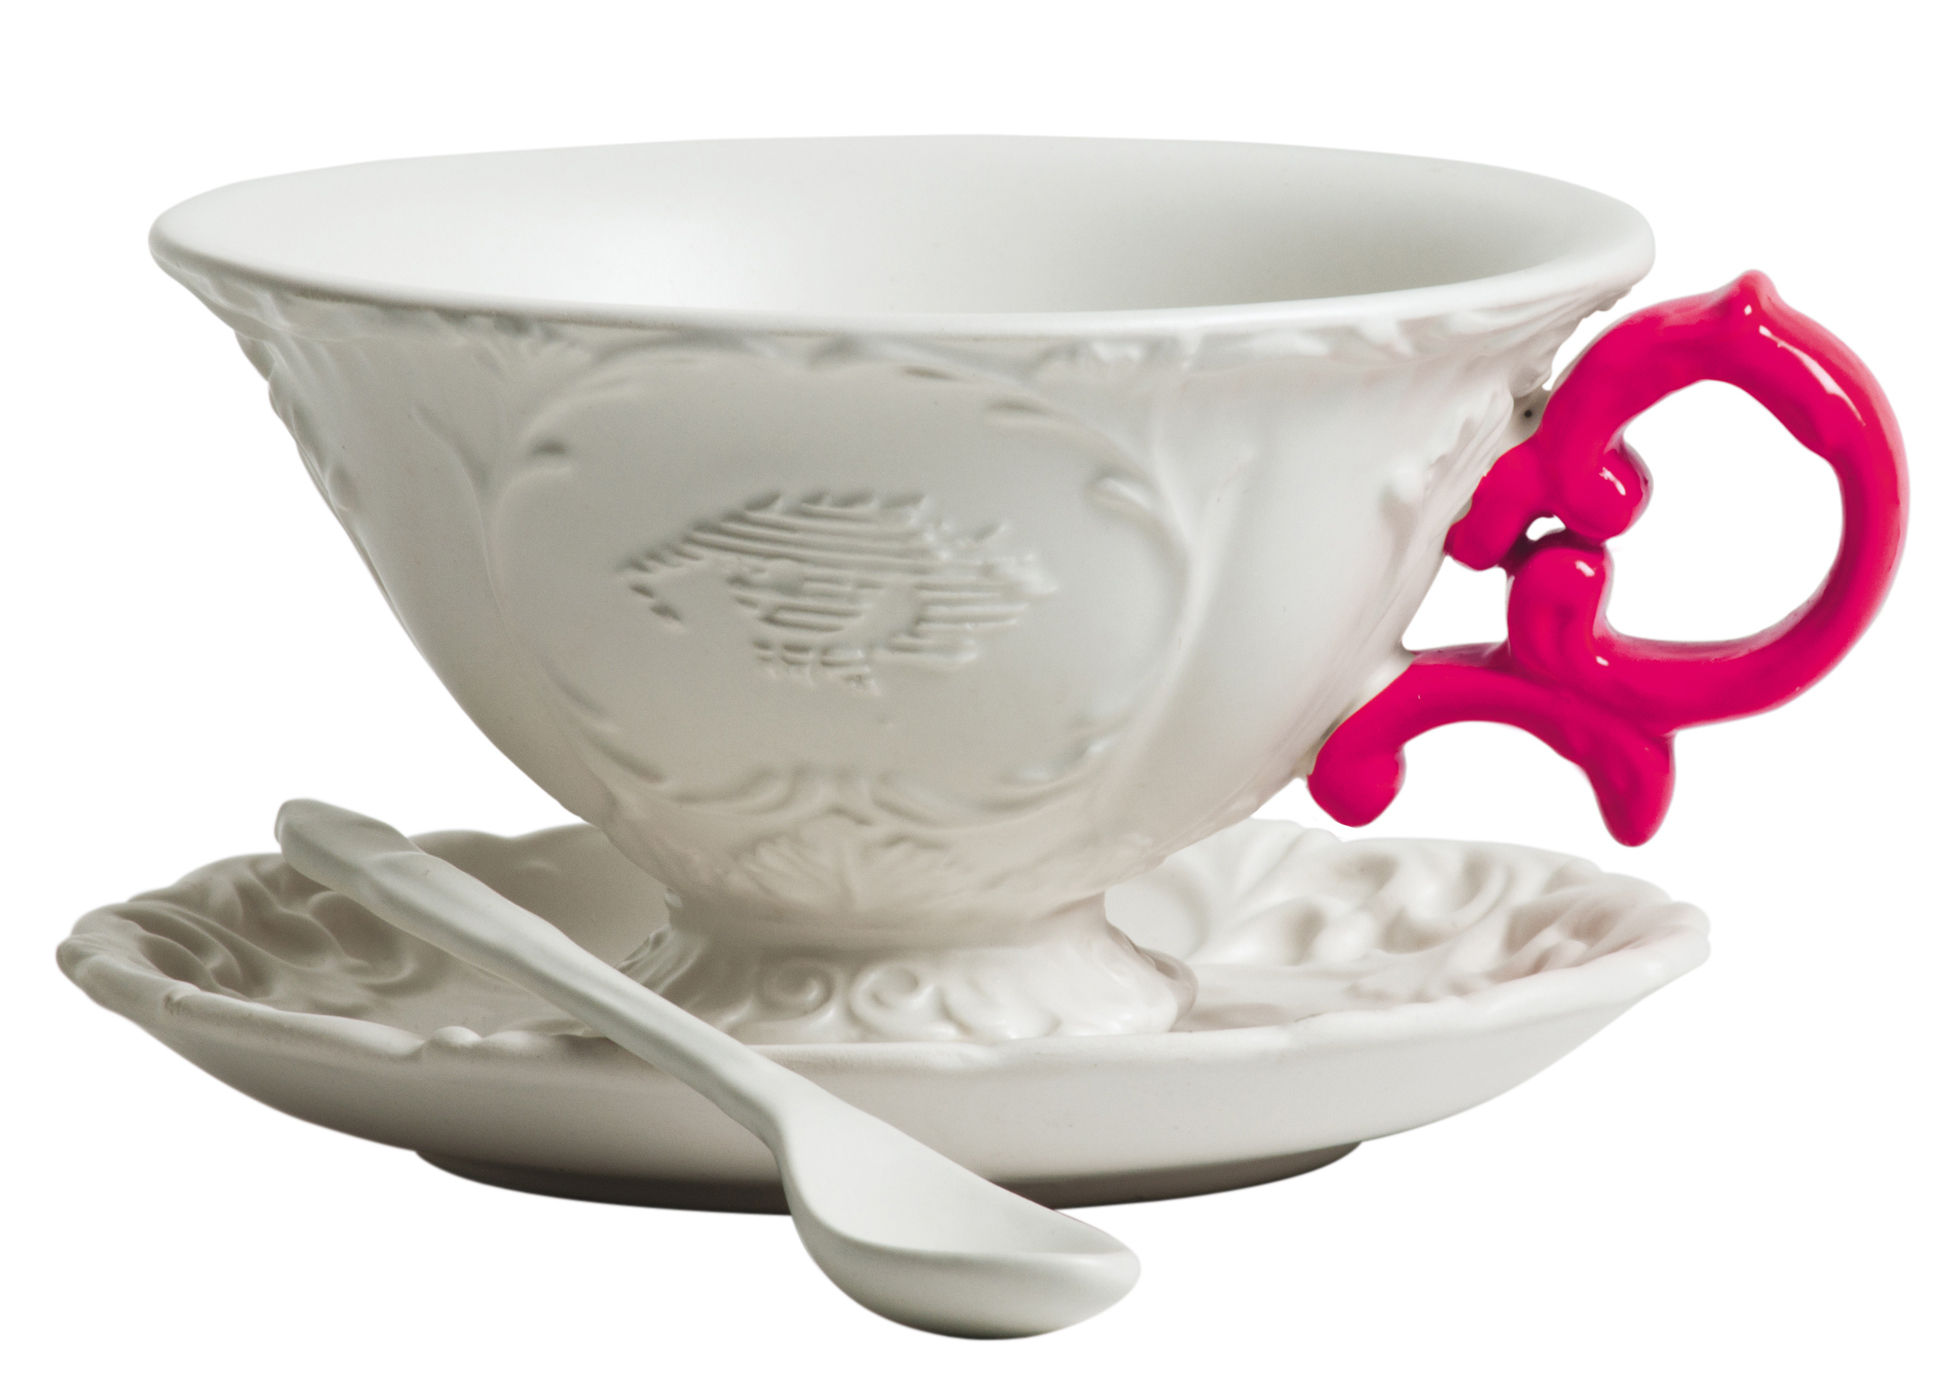 Tavola - Tazze e Boccali - Tazza da tè I-Tea - / Set tazza + sottopiattino + cucchiaio di Seletti - Bianco / Mancio fucsia - Porcellana